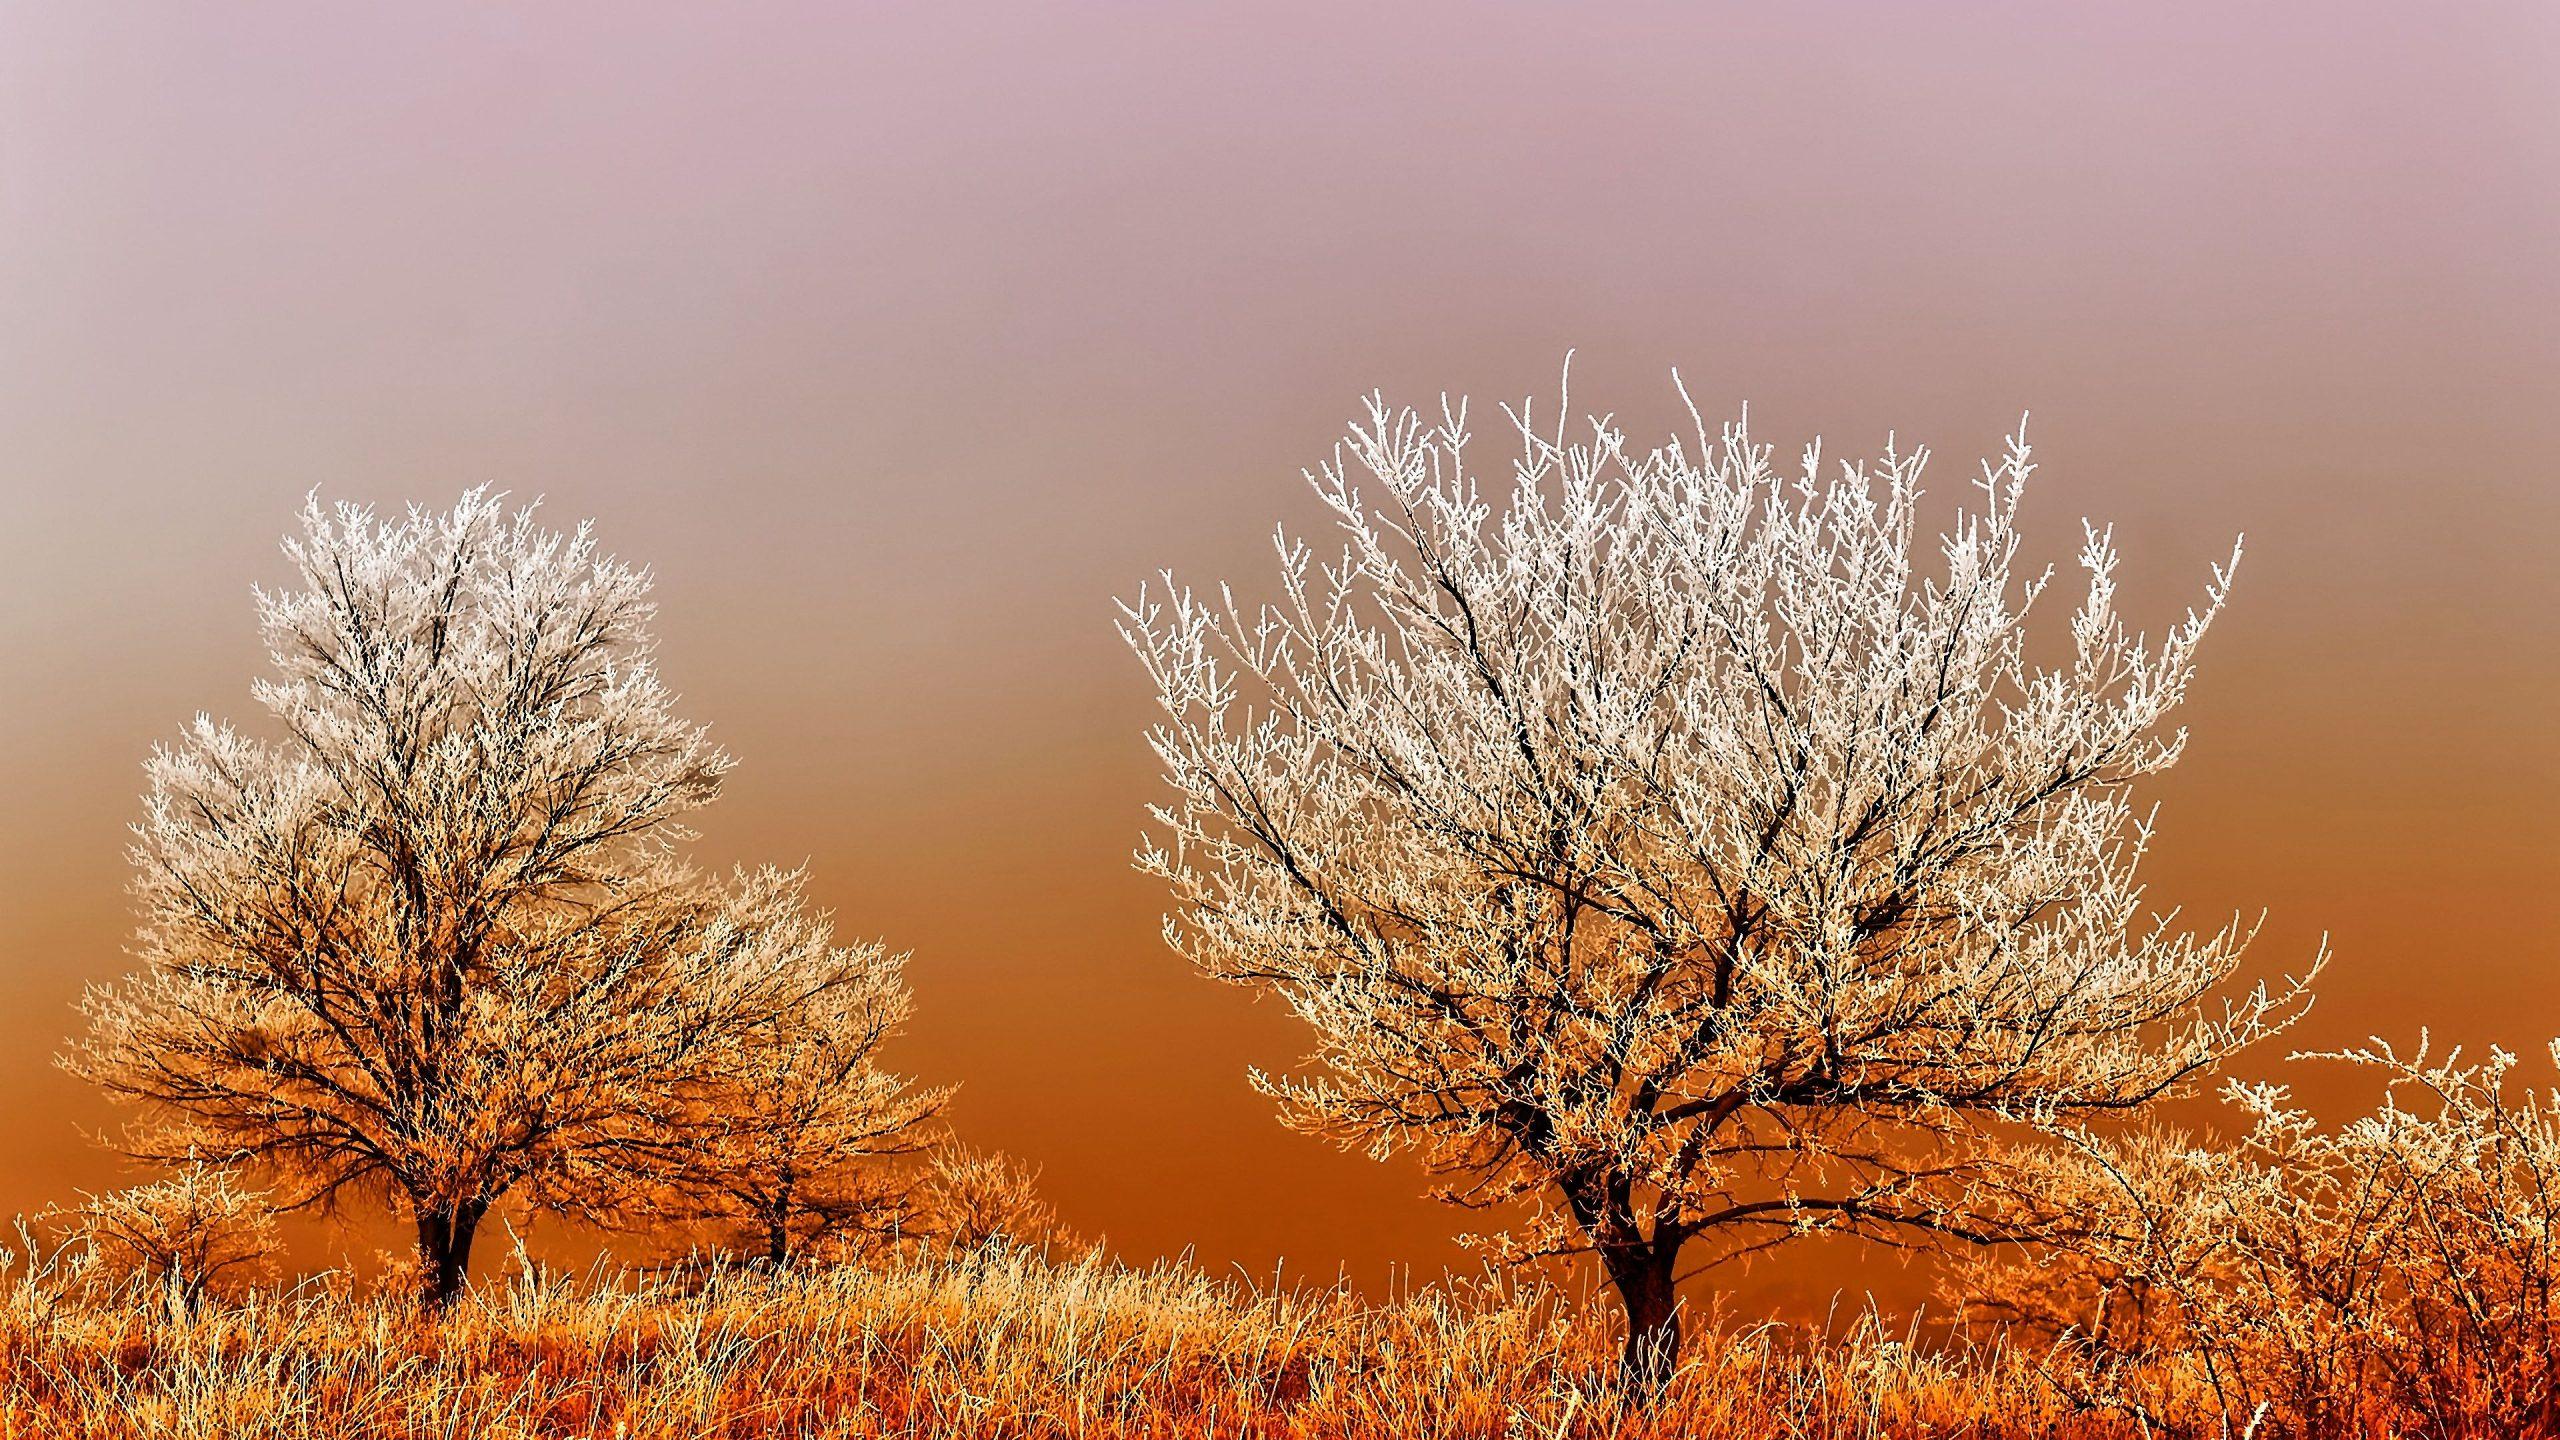 Winterbilder Kostenlos Ausdrucken bei Winterbilder Zum Ausdrucken